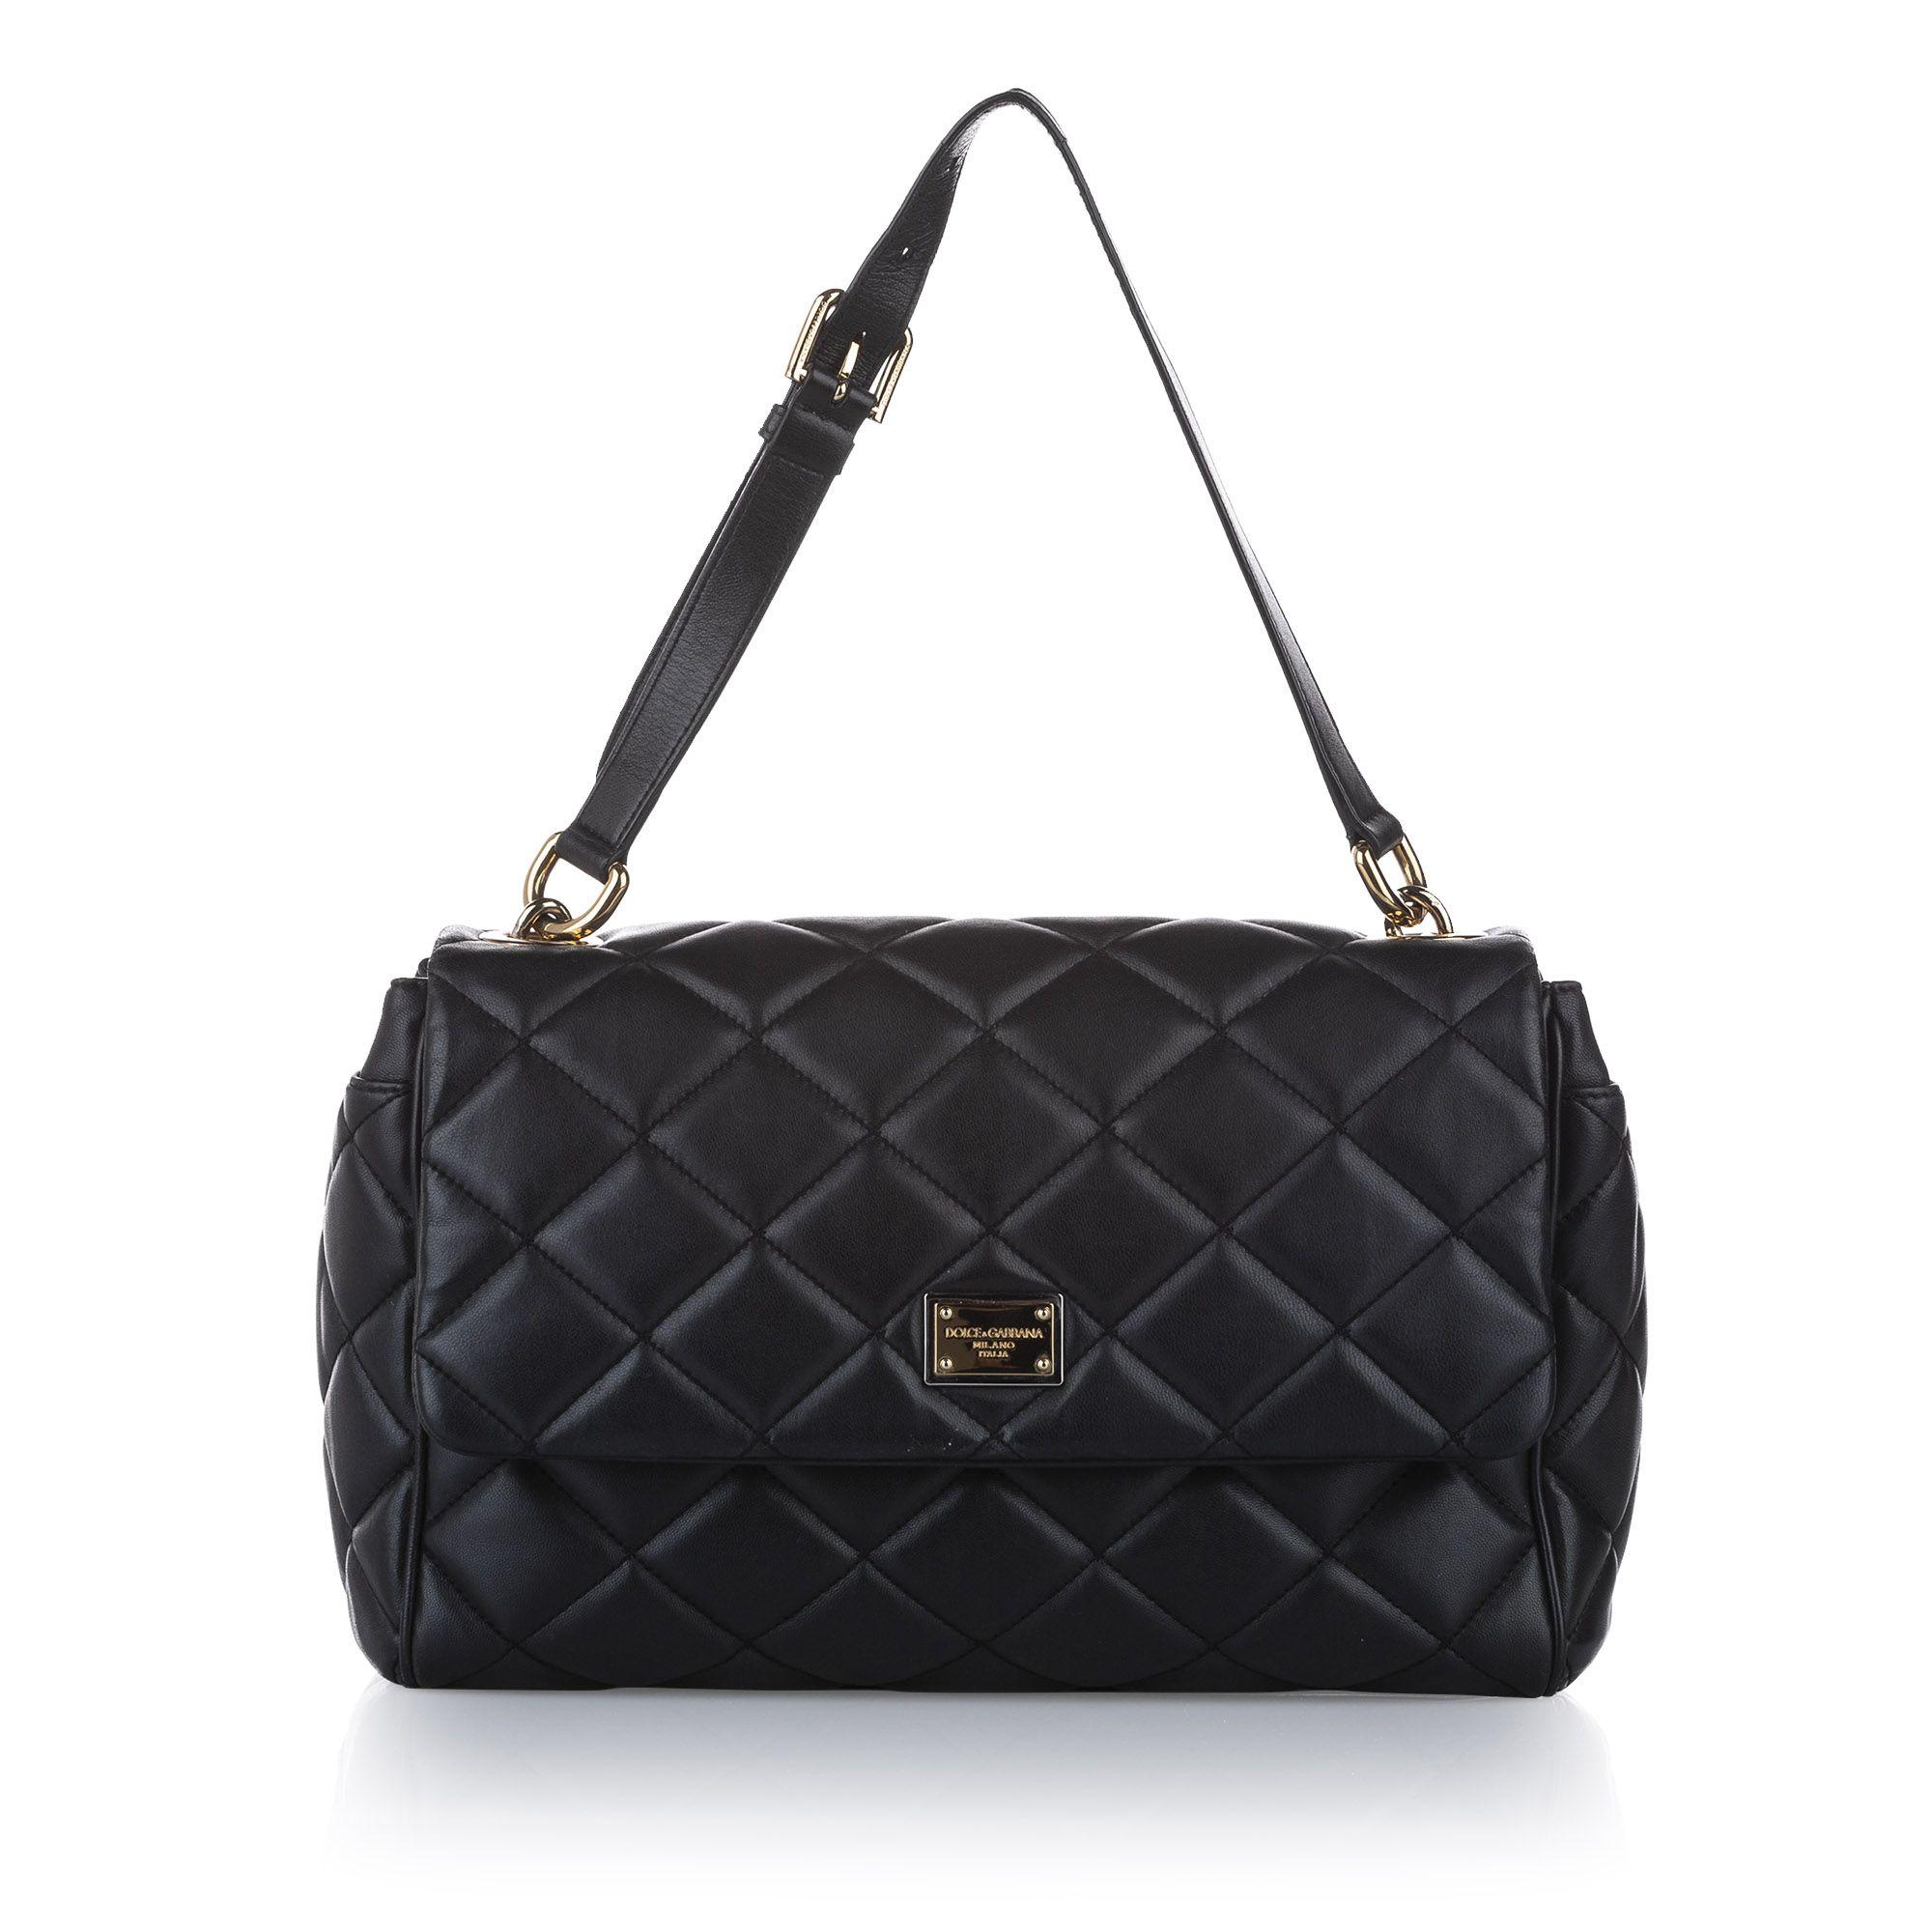 Vintage Dolce&Gabbana Miss Kate Leather Shoulder Bag Black